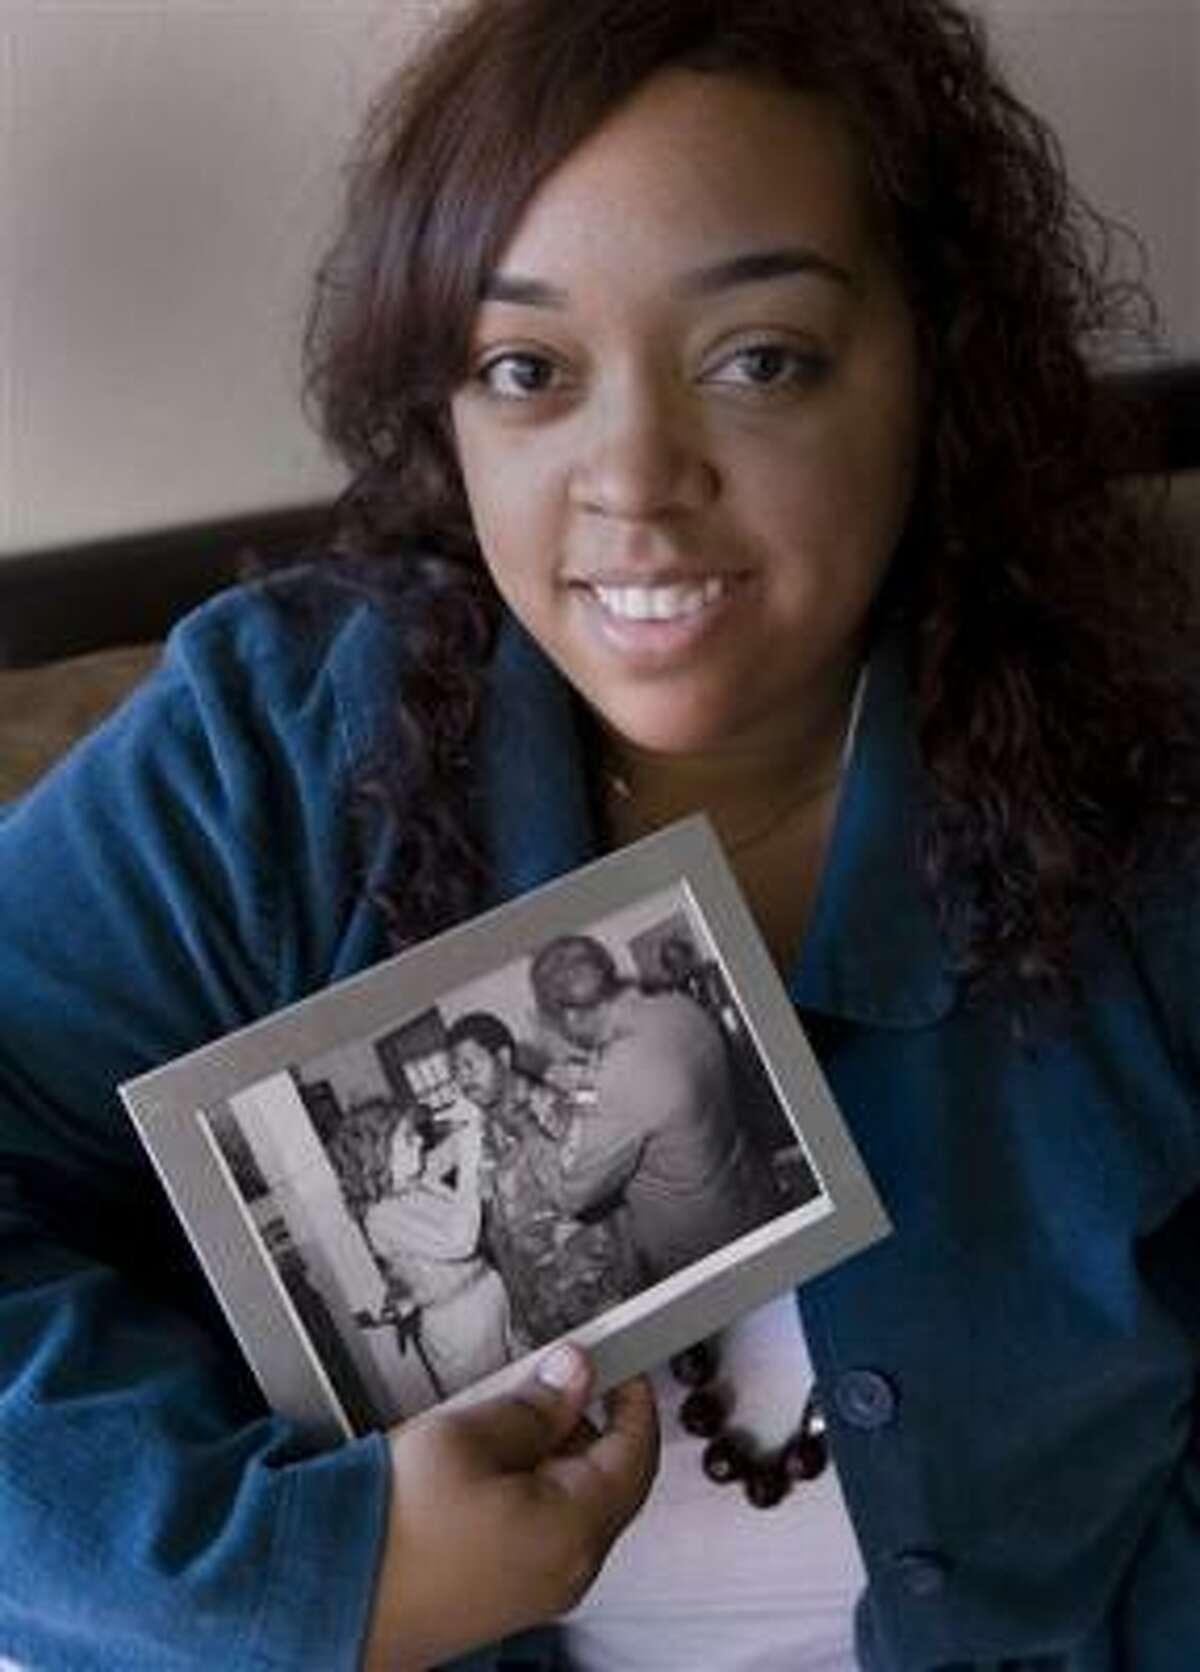 Laura Martin muestra una foto de sus padres, él negro, ella blanca. Martin dice que, a pesar de ser mitad blanca, se siente negra.